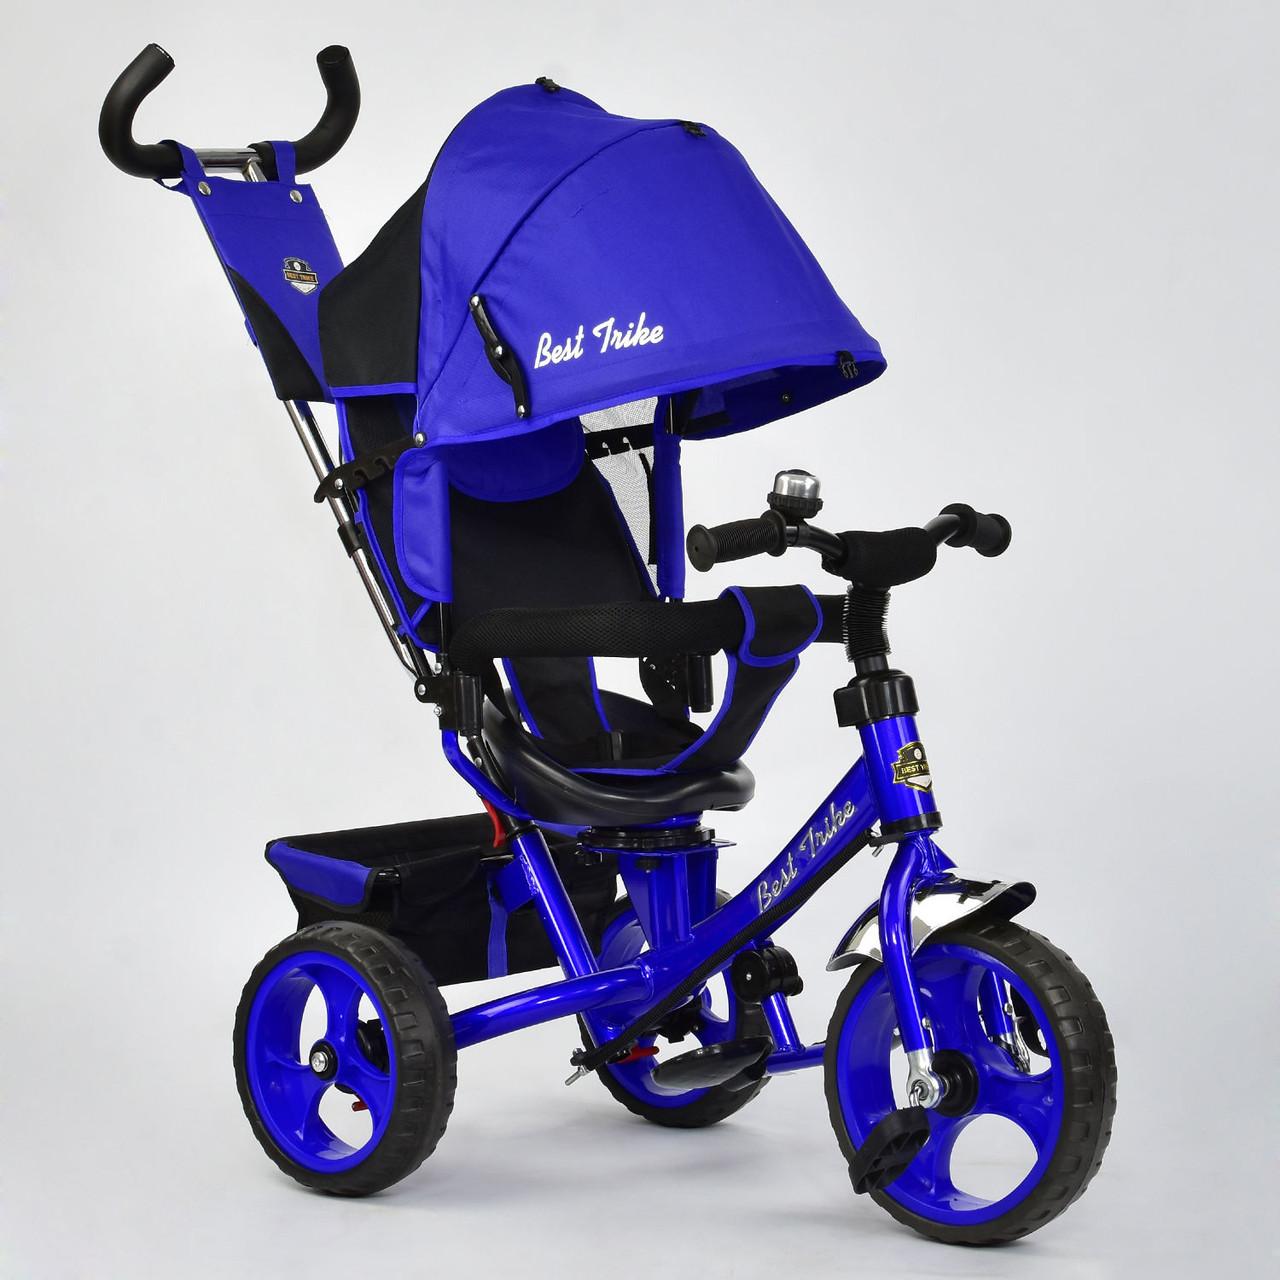 Детский трехколесный велосипед Best Trike 6570 Электрик Гарантия качества Быстрая доставка